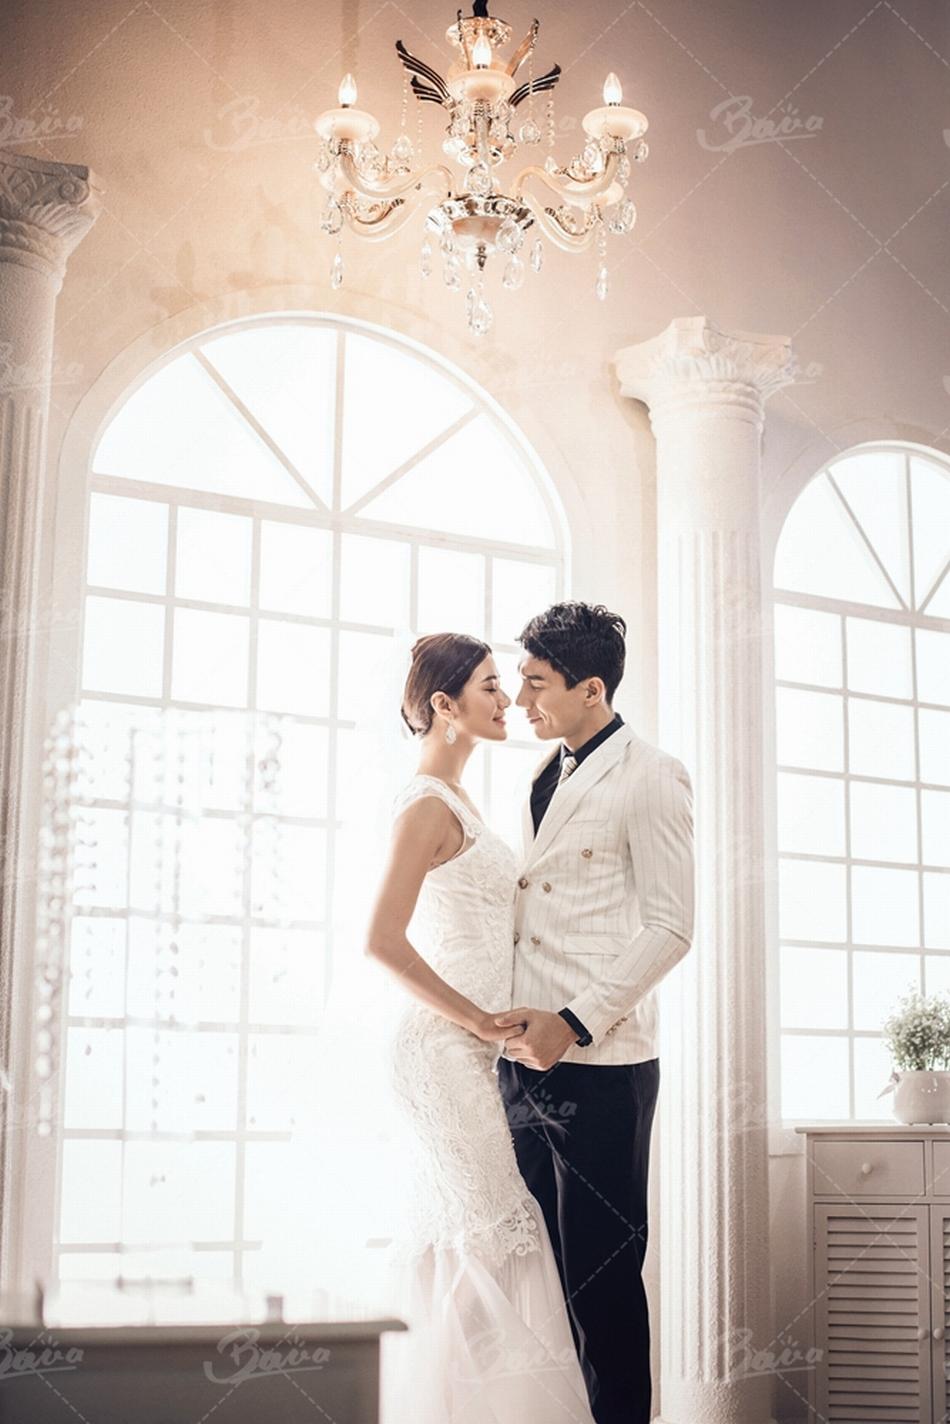 东莞婚纱摄影,东莞婚纱摄影基地,巴伐利亚摄影基地